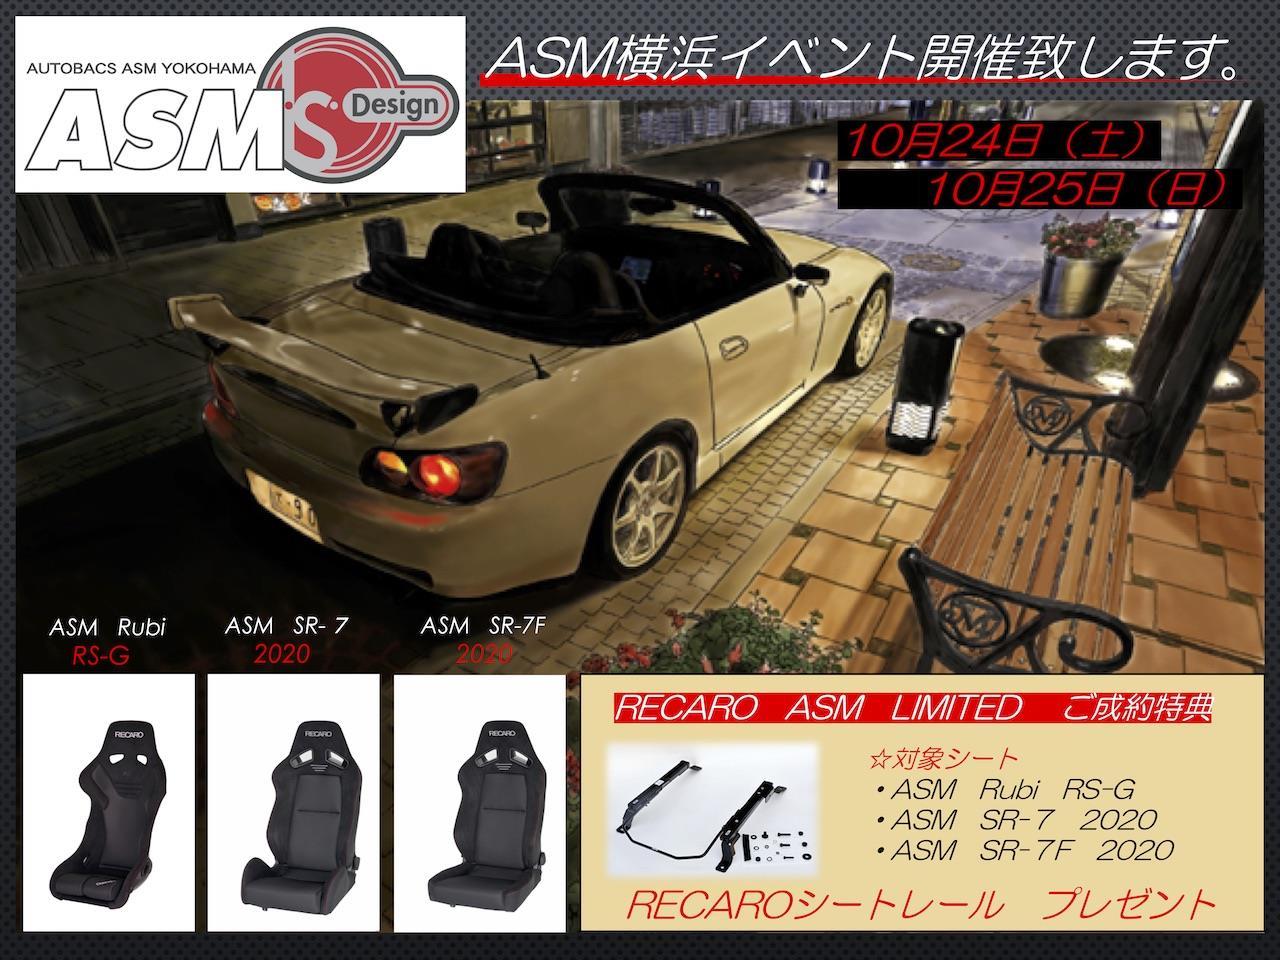 【イベント情報】ASM×RECAROイベント開催します(^^)/